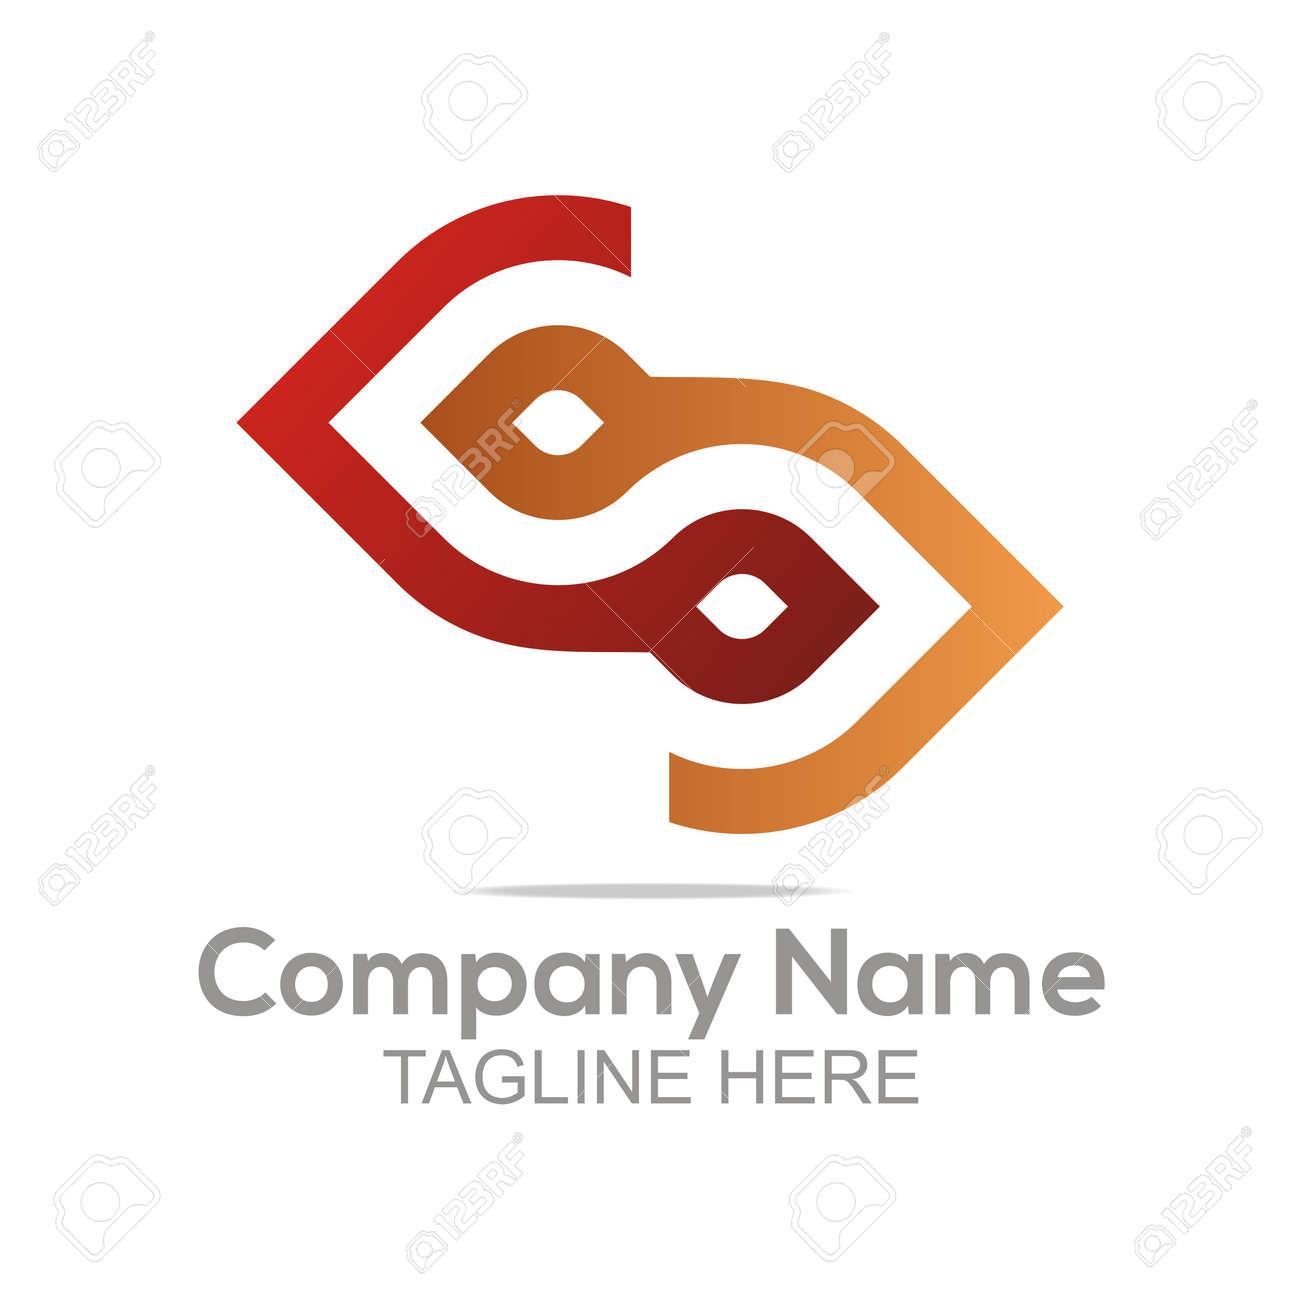 Logo design company name bussines letter symbol icon royalty free logo design company name bussines letter symbol icon stock vector 45283479 buycottarizona